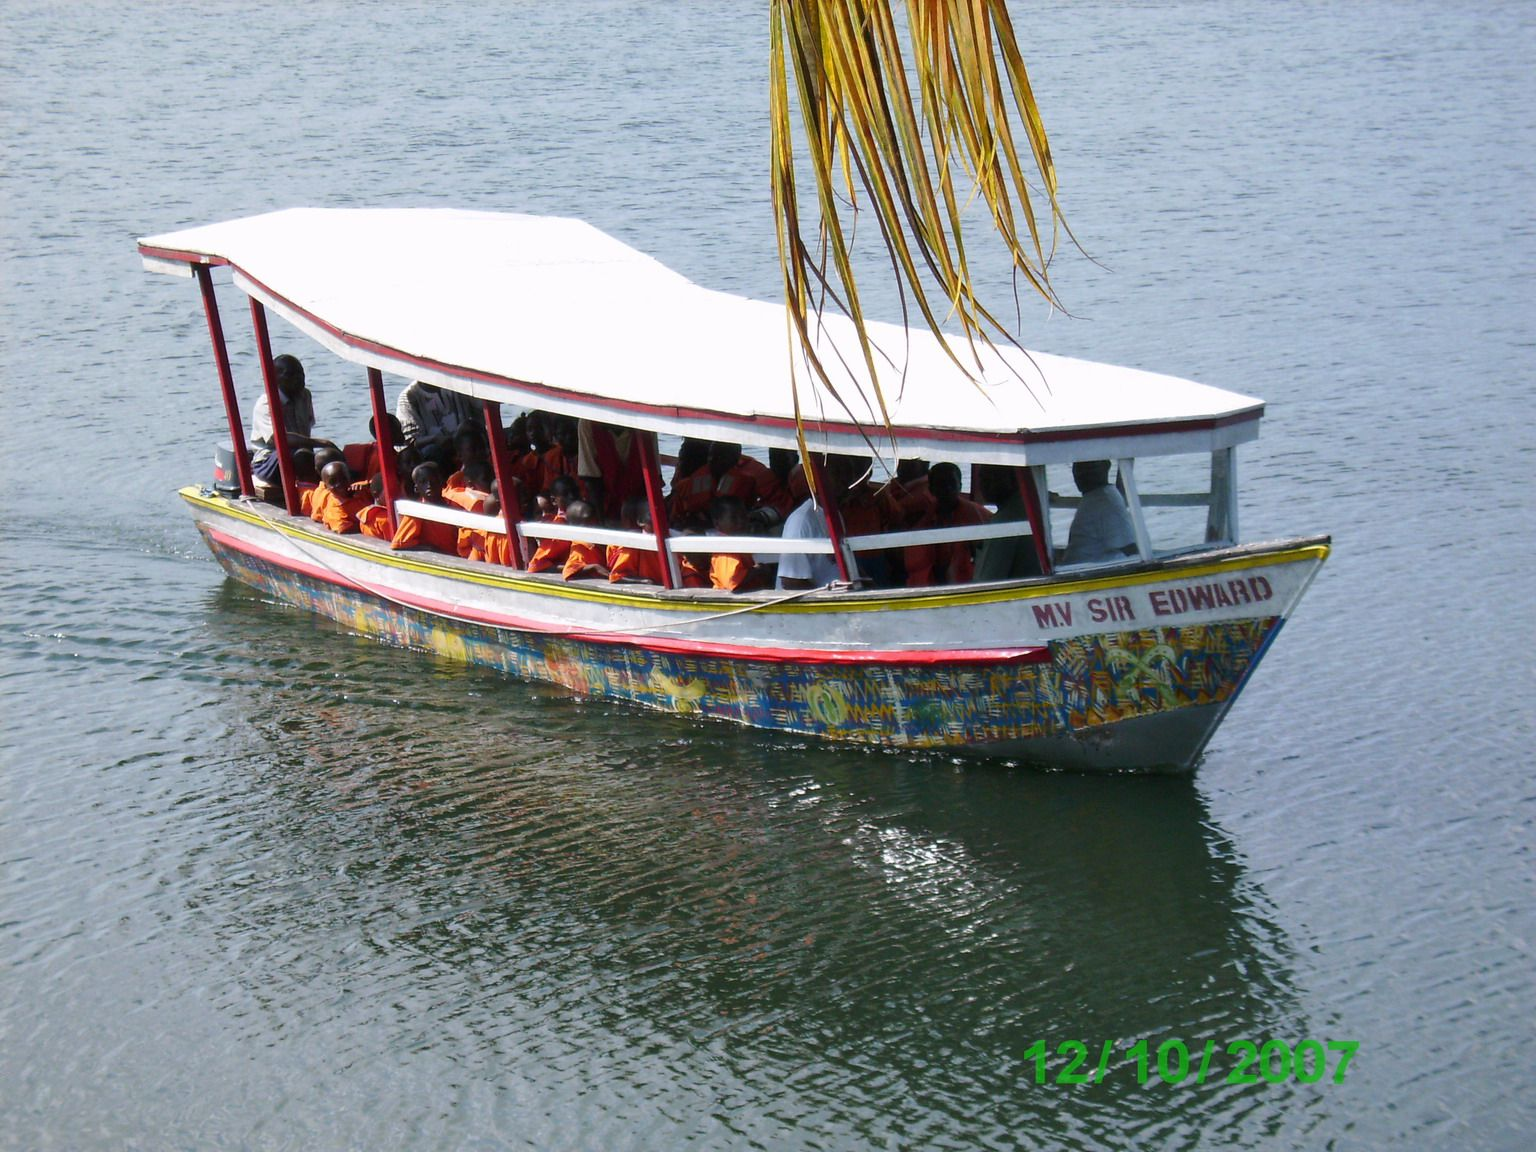 Flussfahrt als Klassenausflug - die Kinder sollen Land und